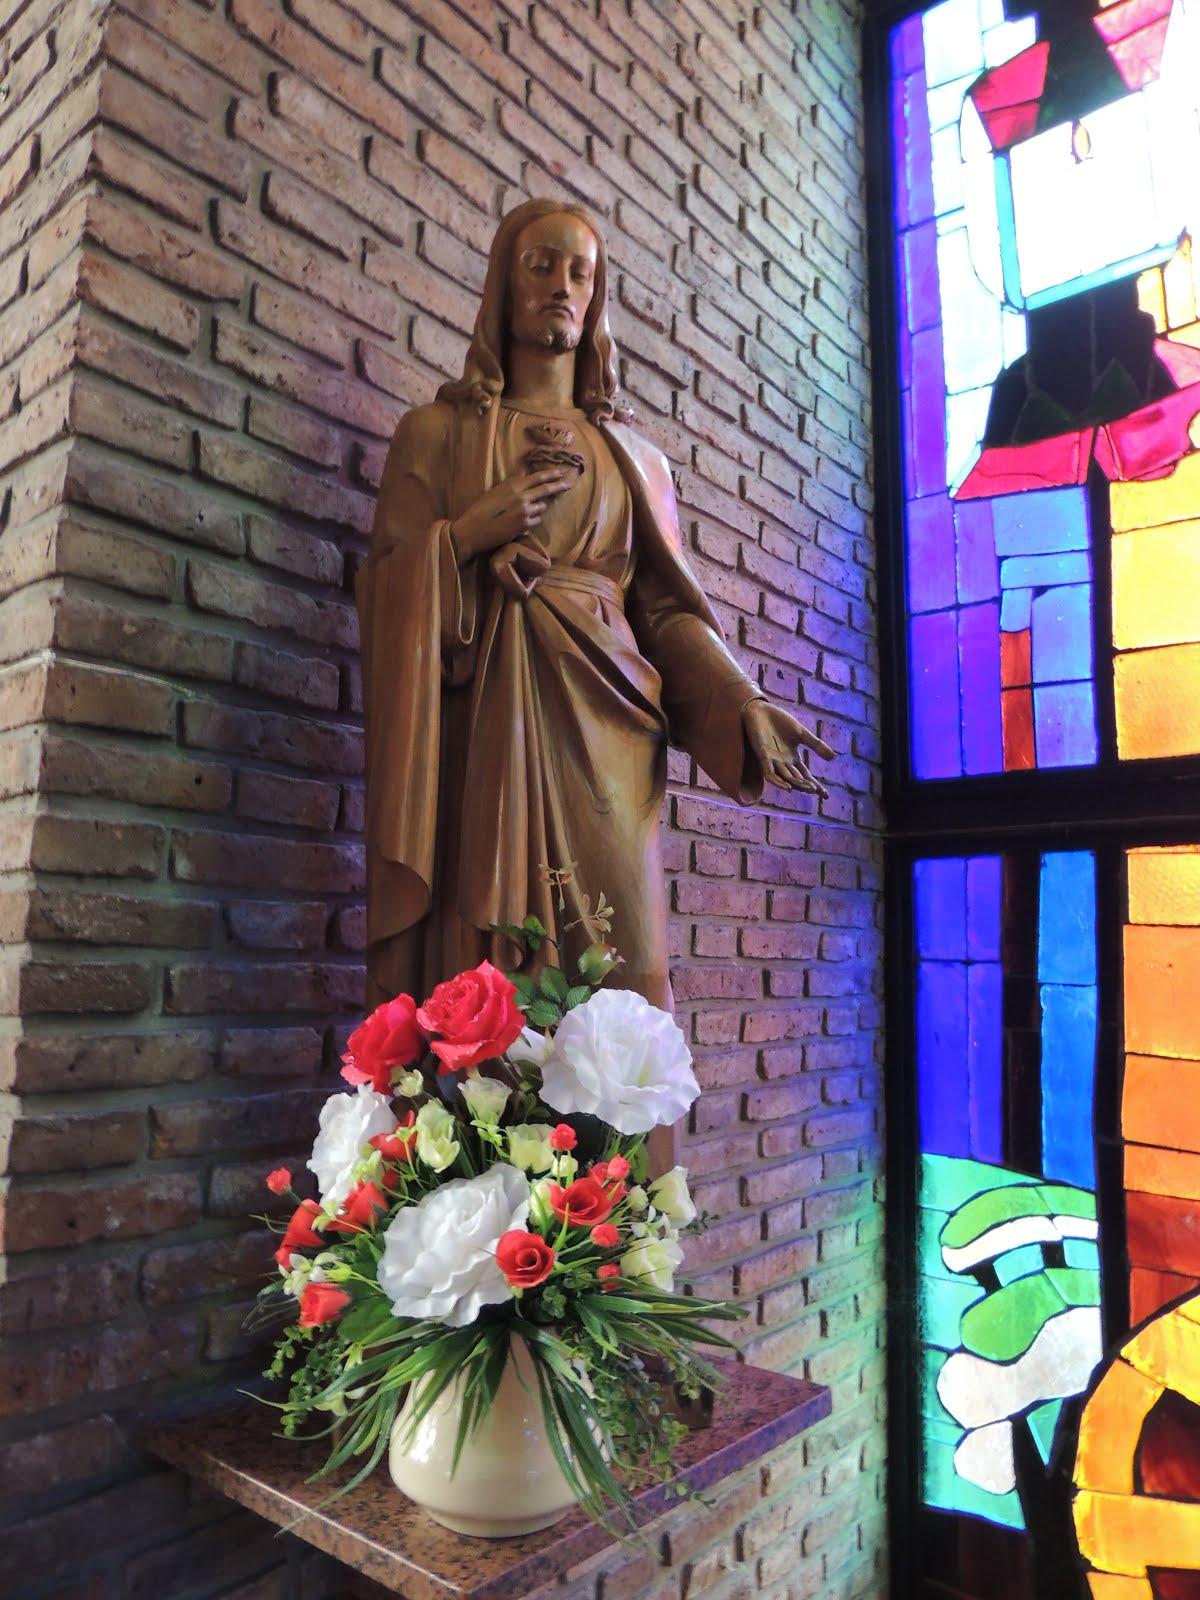 IMAGEN DEL SAGRADO CORAZON DE JESUS DE LA PARROQUIA